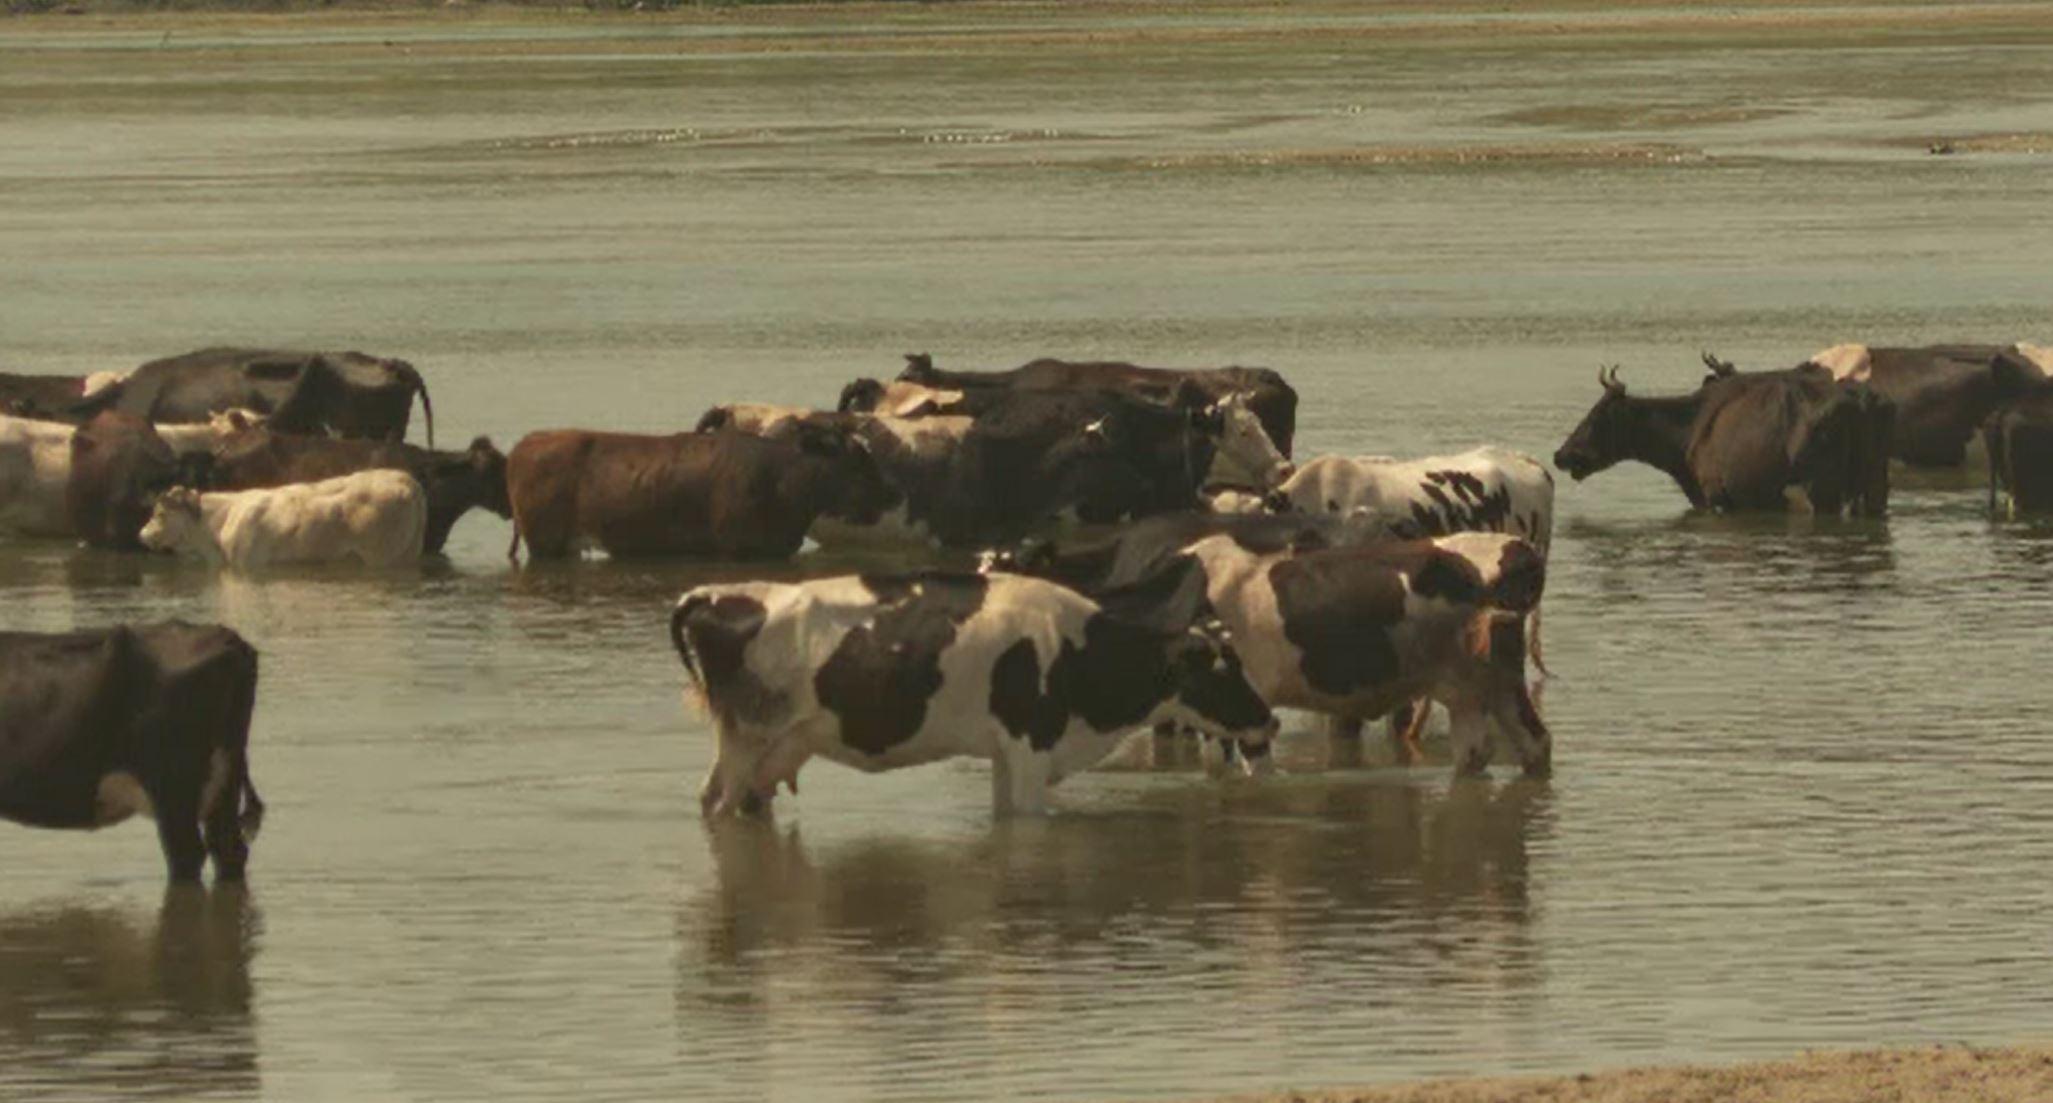 În sudul țării, temperaturile au ajuns la 59 de grade Celsius. Localnicii și-au dus animalele să se scalde în râul Jiu